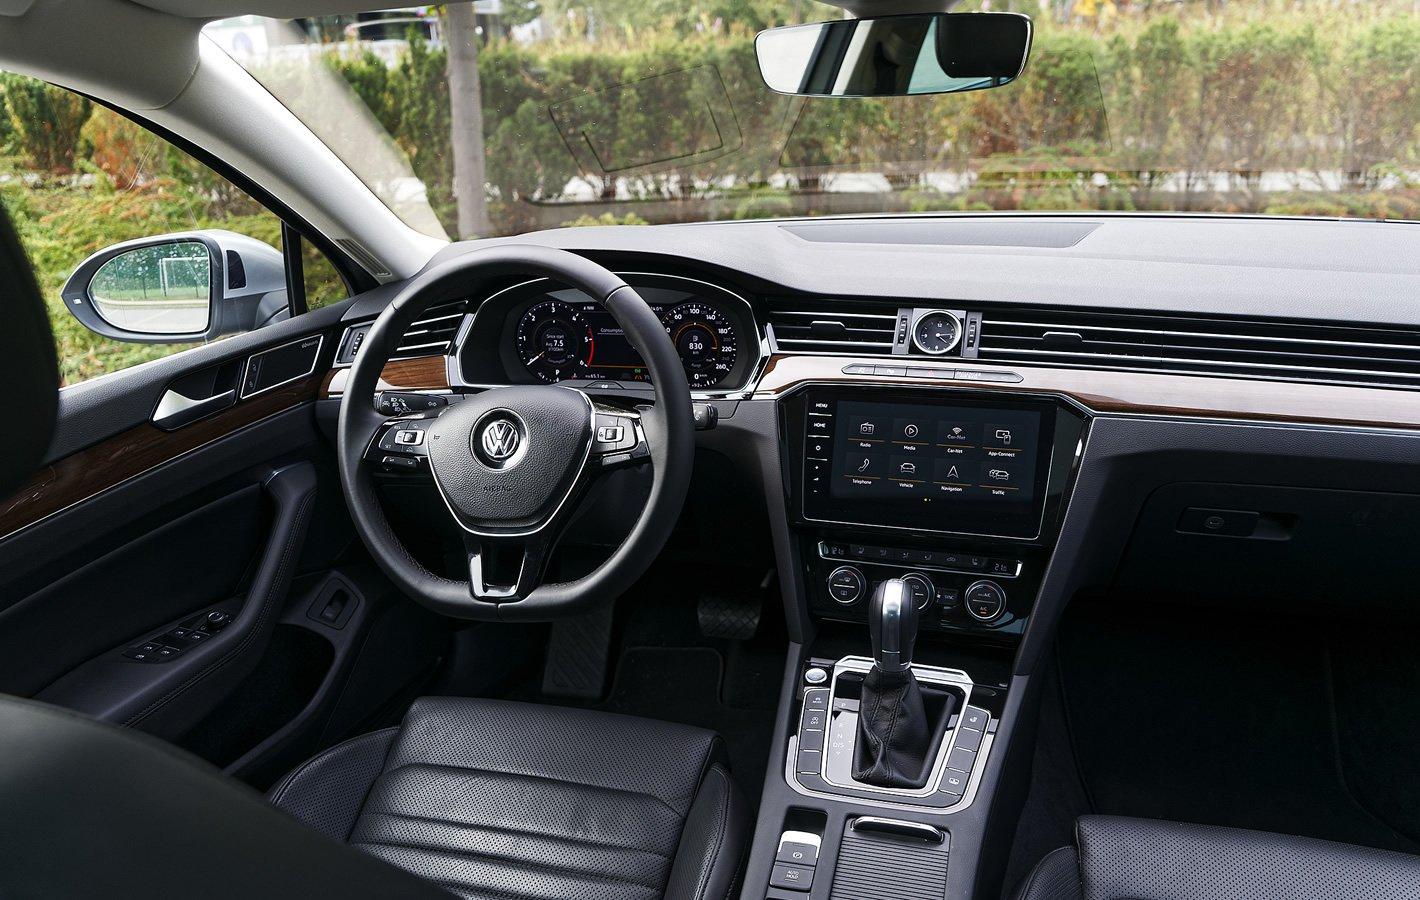 Volkswagen Passat 2.0 TDI - wnętrze